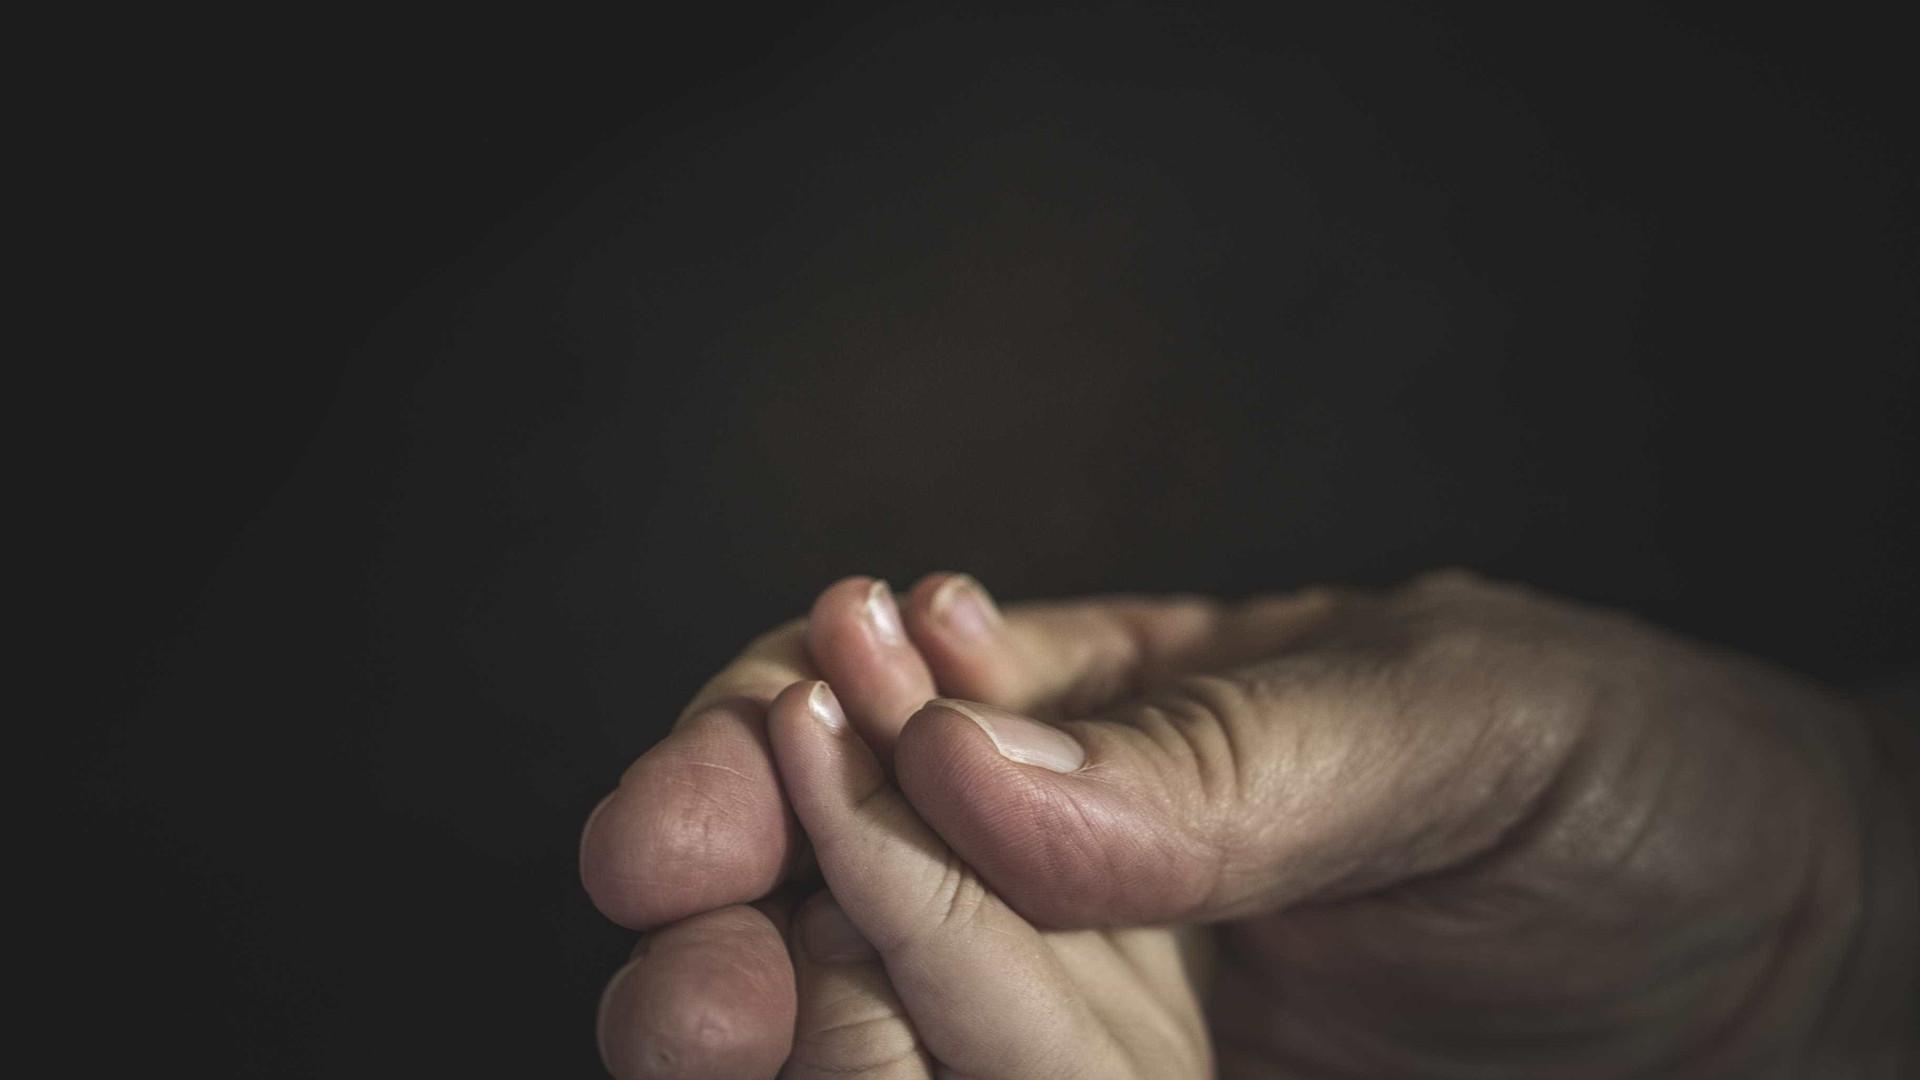 Cuidados paliativos? Dignidade até ao fim